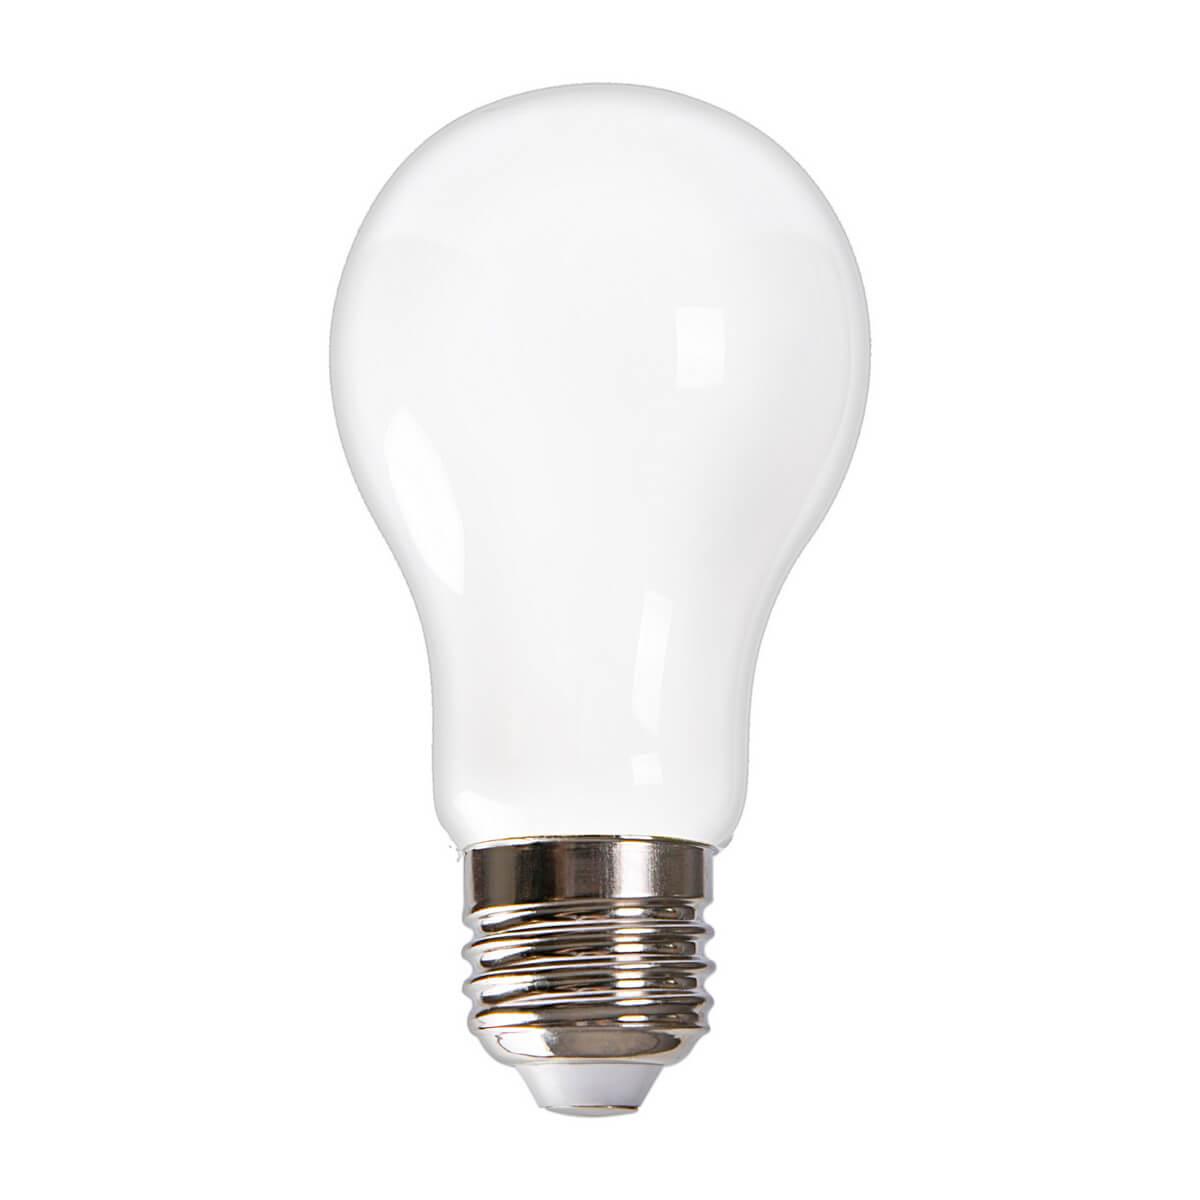 Лампочка Volpe LED-A60-7W/3000K/E27/FR GLH01WH Heaven LED-A60 лампочка uniel air led a60 e27 7w 200 250v 3000k 630lm warm white led a60 7w ww e27 cl dim gla01tr